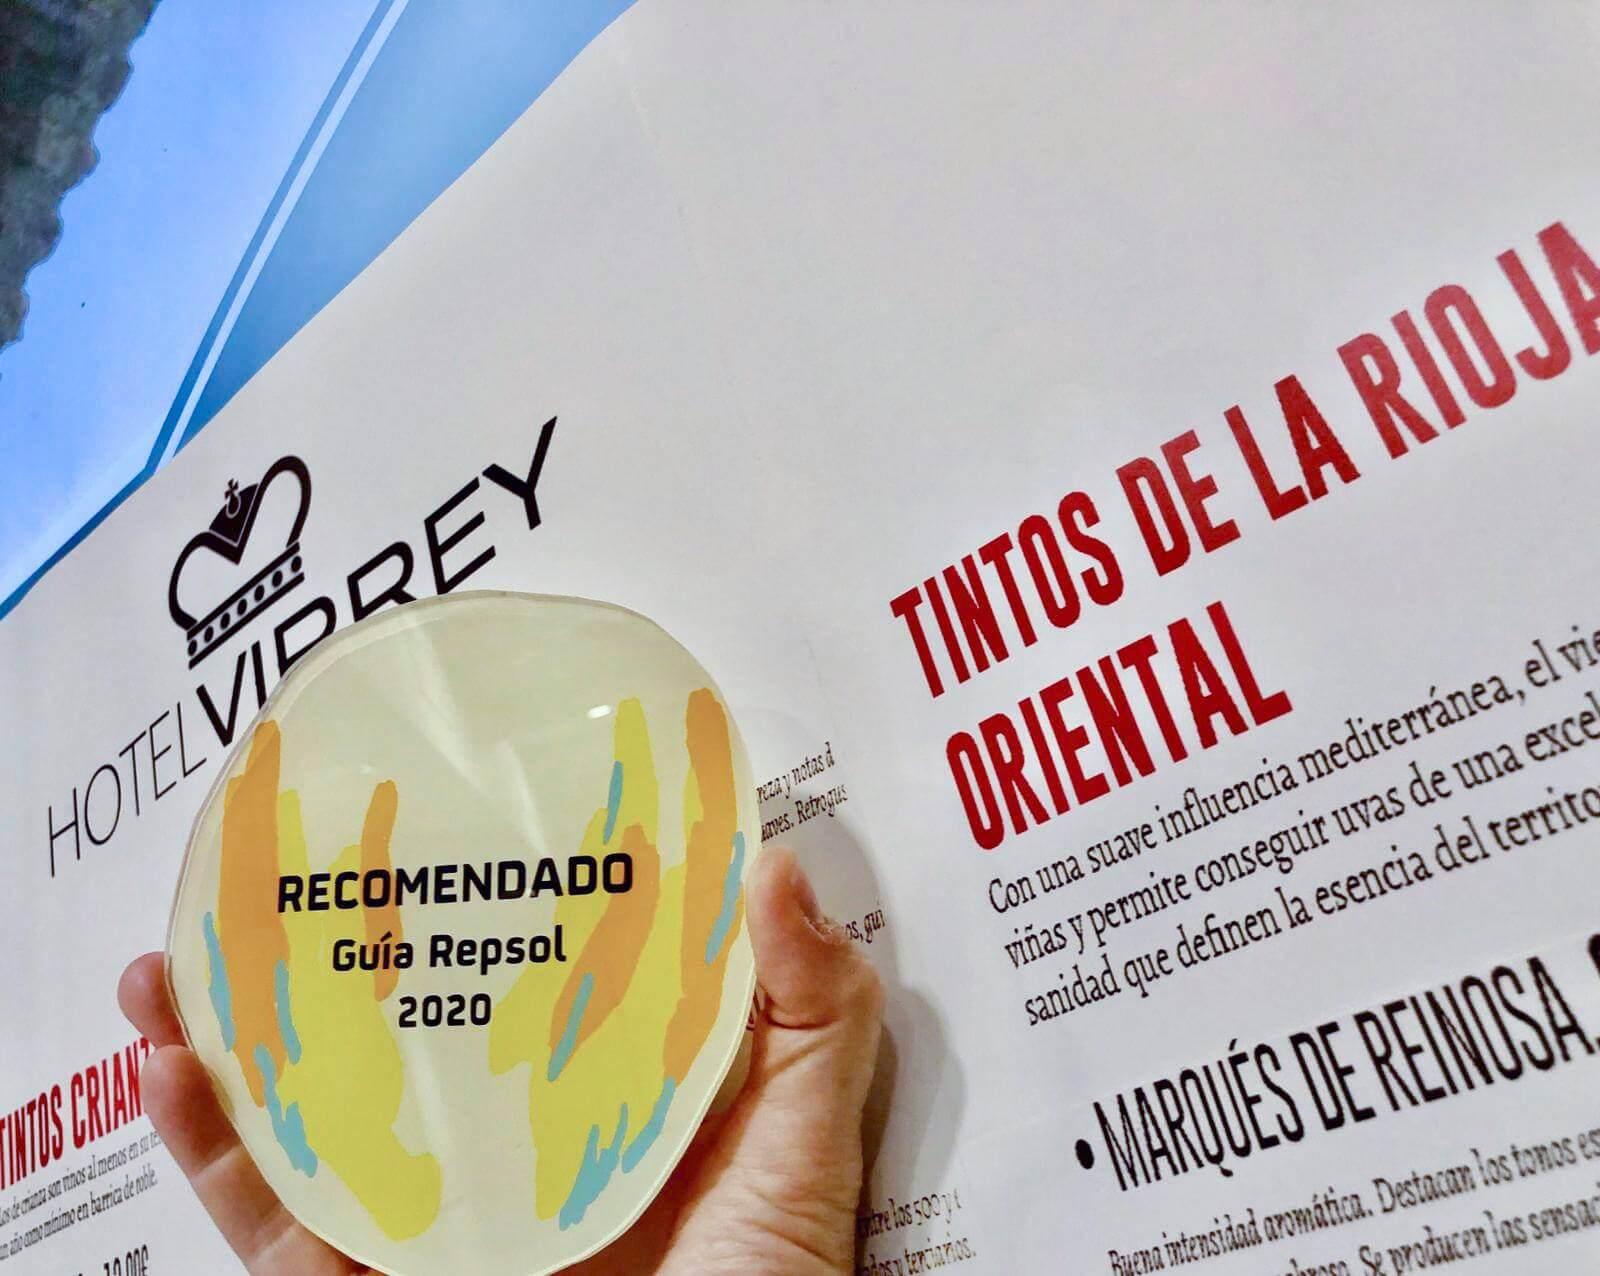 El hotel Virrey de Arnedo reabre con buenas expectativas para los próximos meses